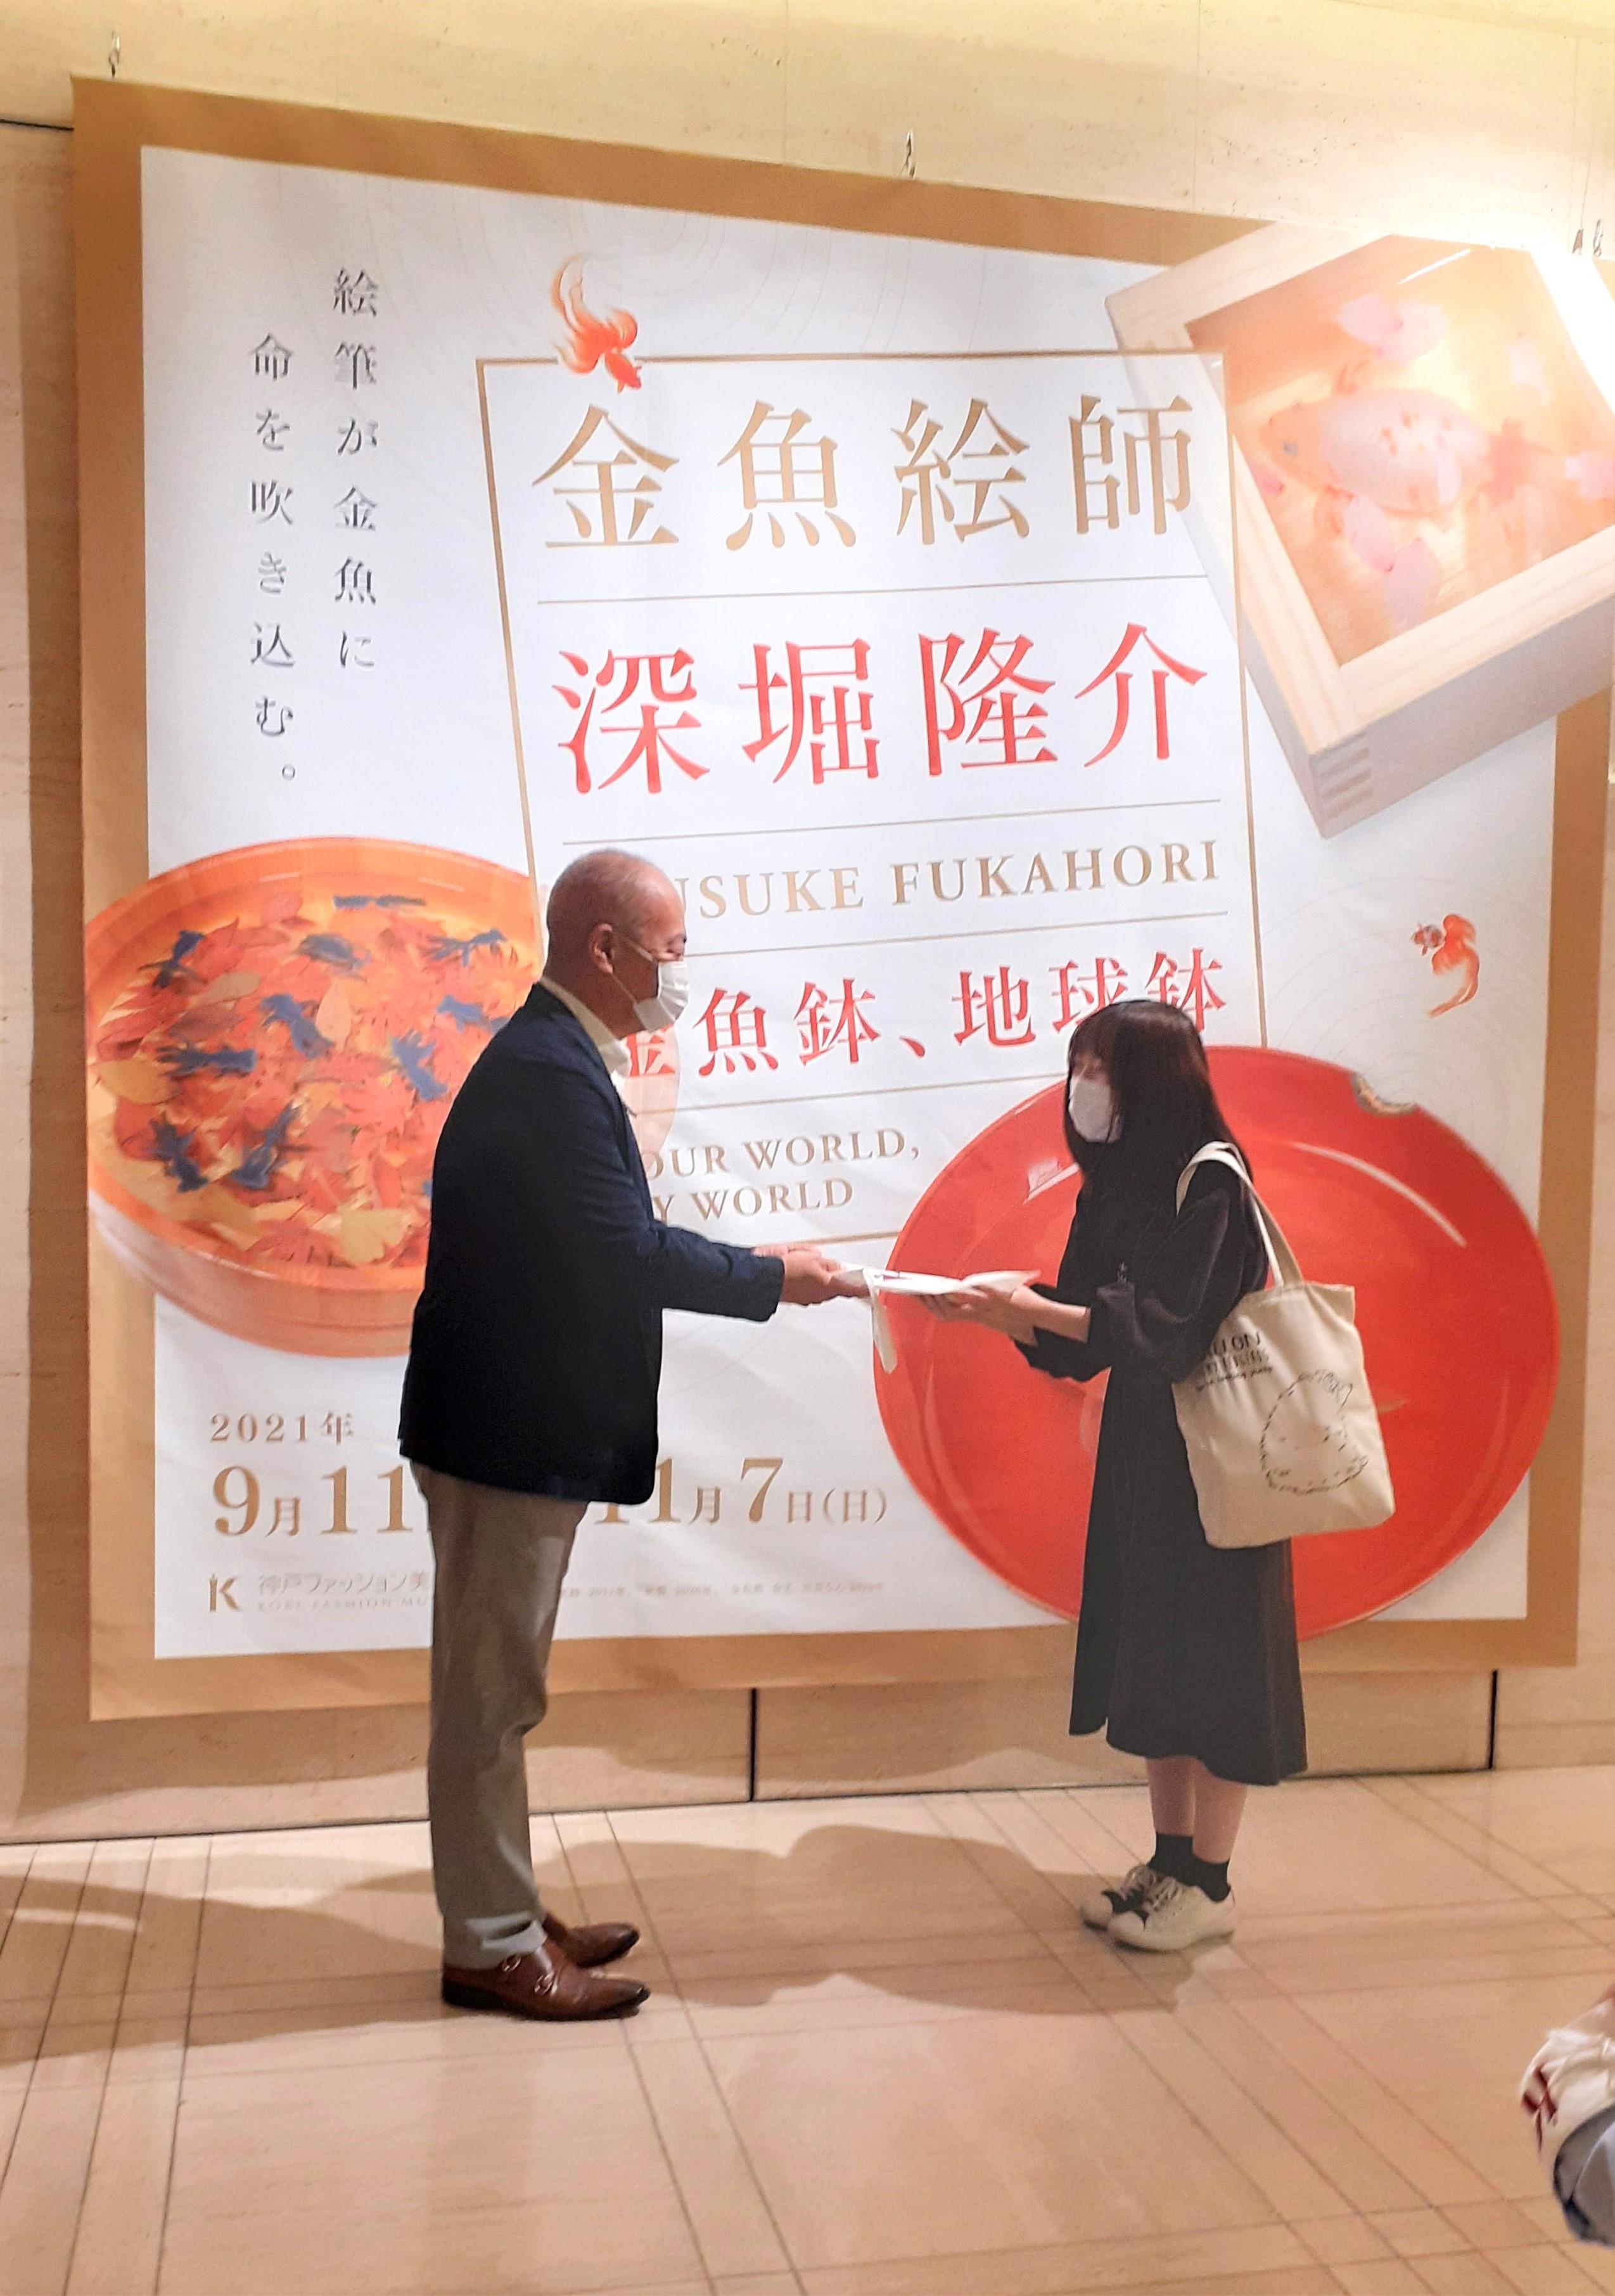 深堀隆介展「金魚鉢、地球鉢」の入場者 1 万人達成!記念セレモニーを行いました。